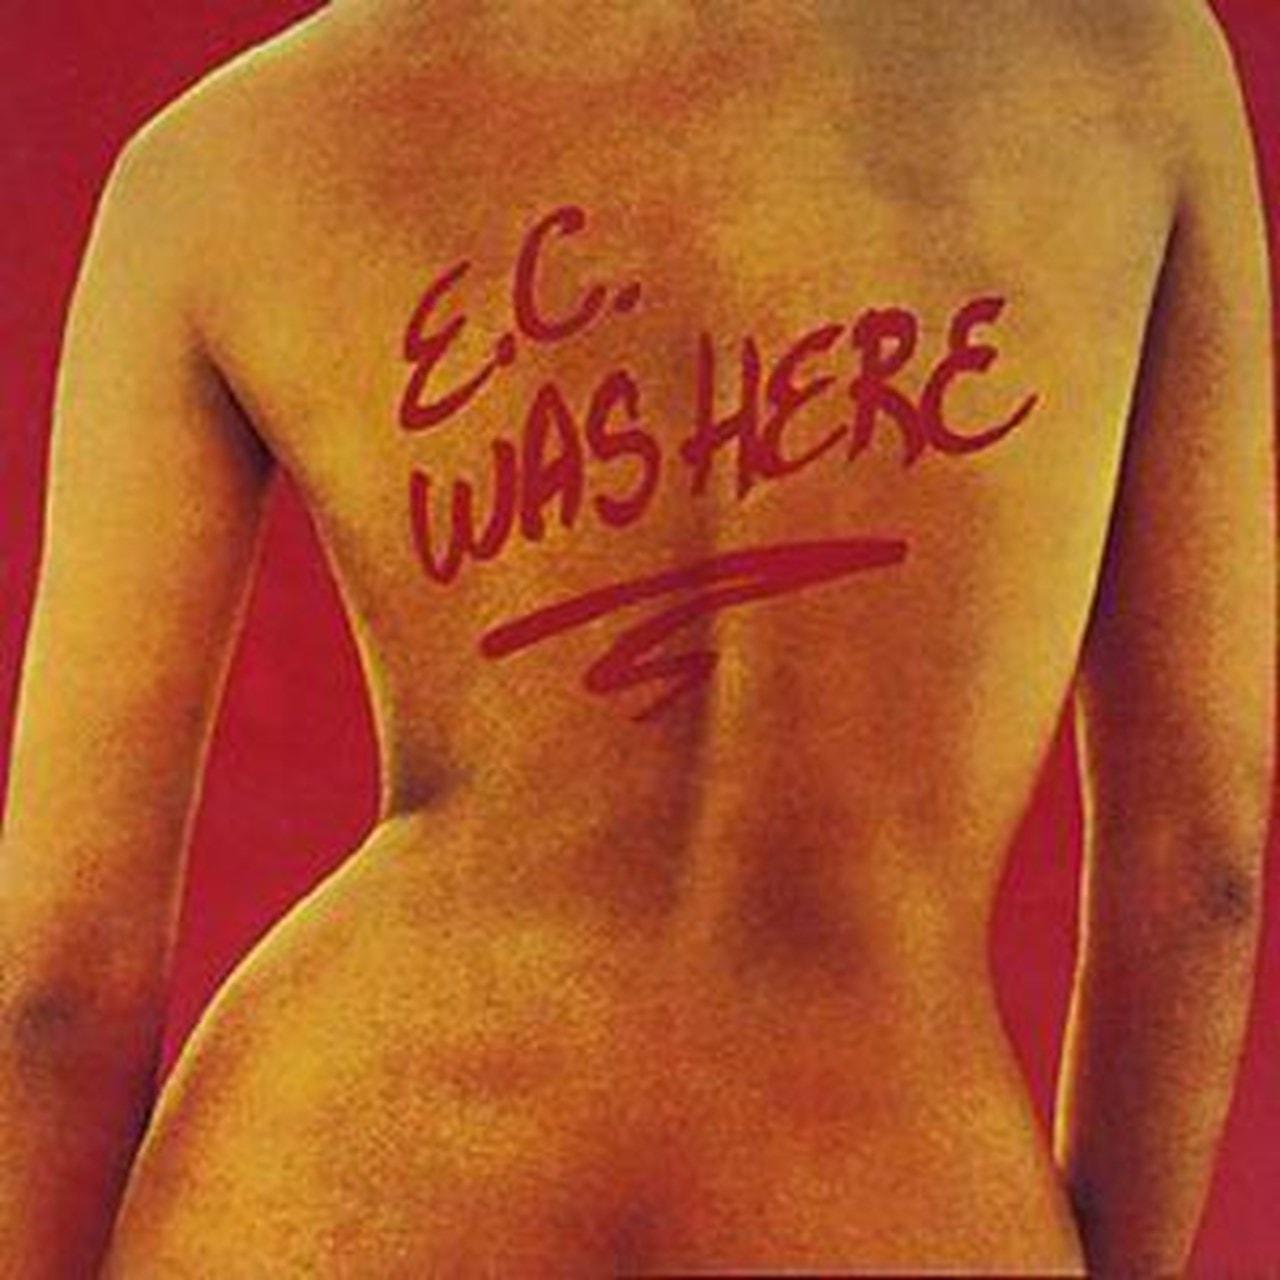 E.C. Was Here - 1